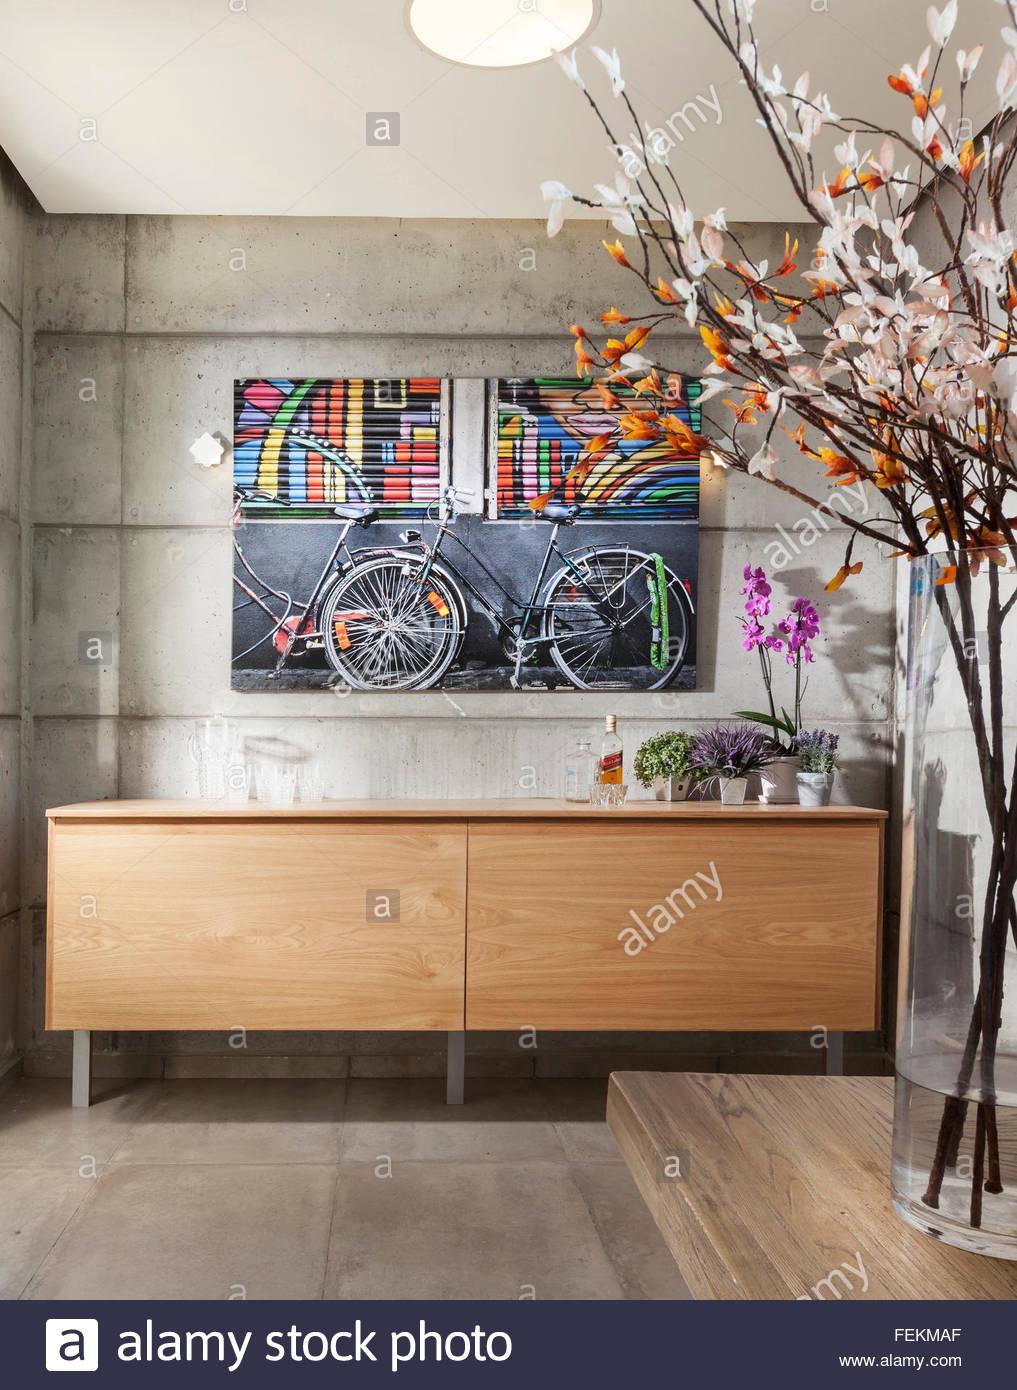 Villa moderna en el Gan Ner, Israel. Un pasillo. Obras de arte en la pared y gran jarrón de flores. Imagen De Stock